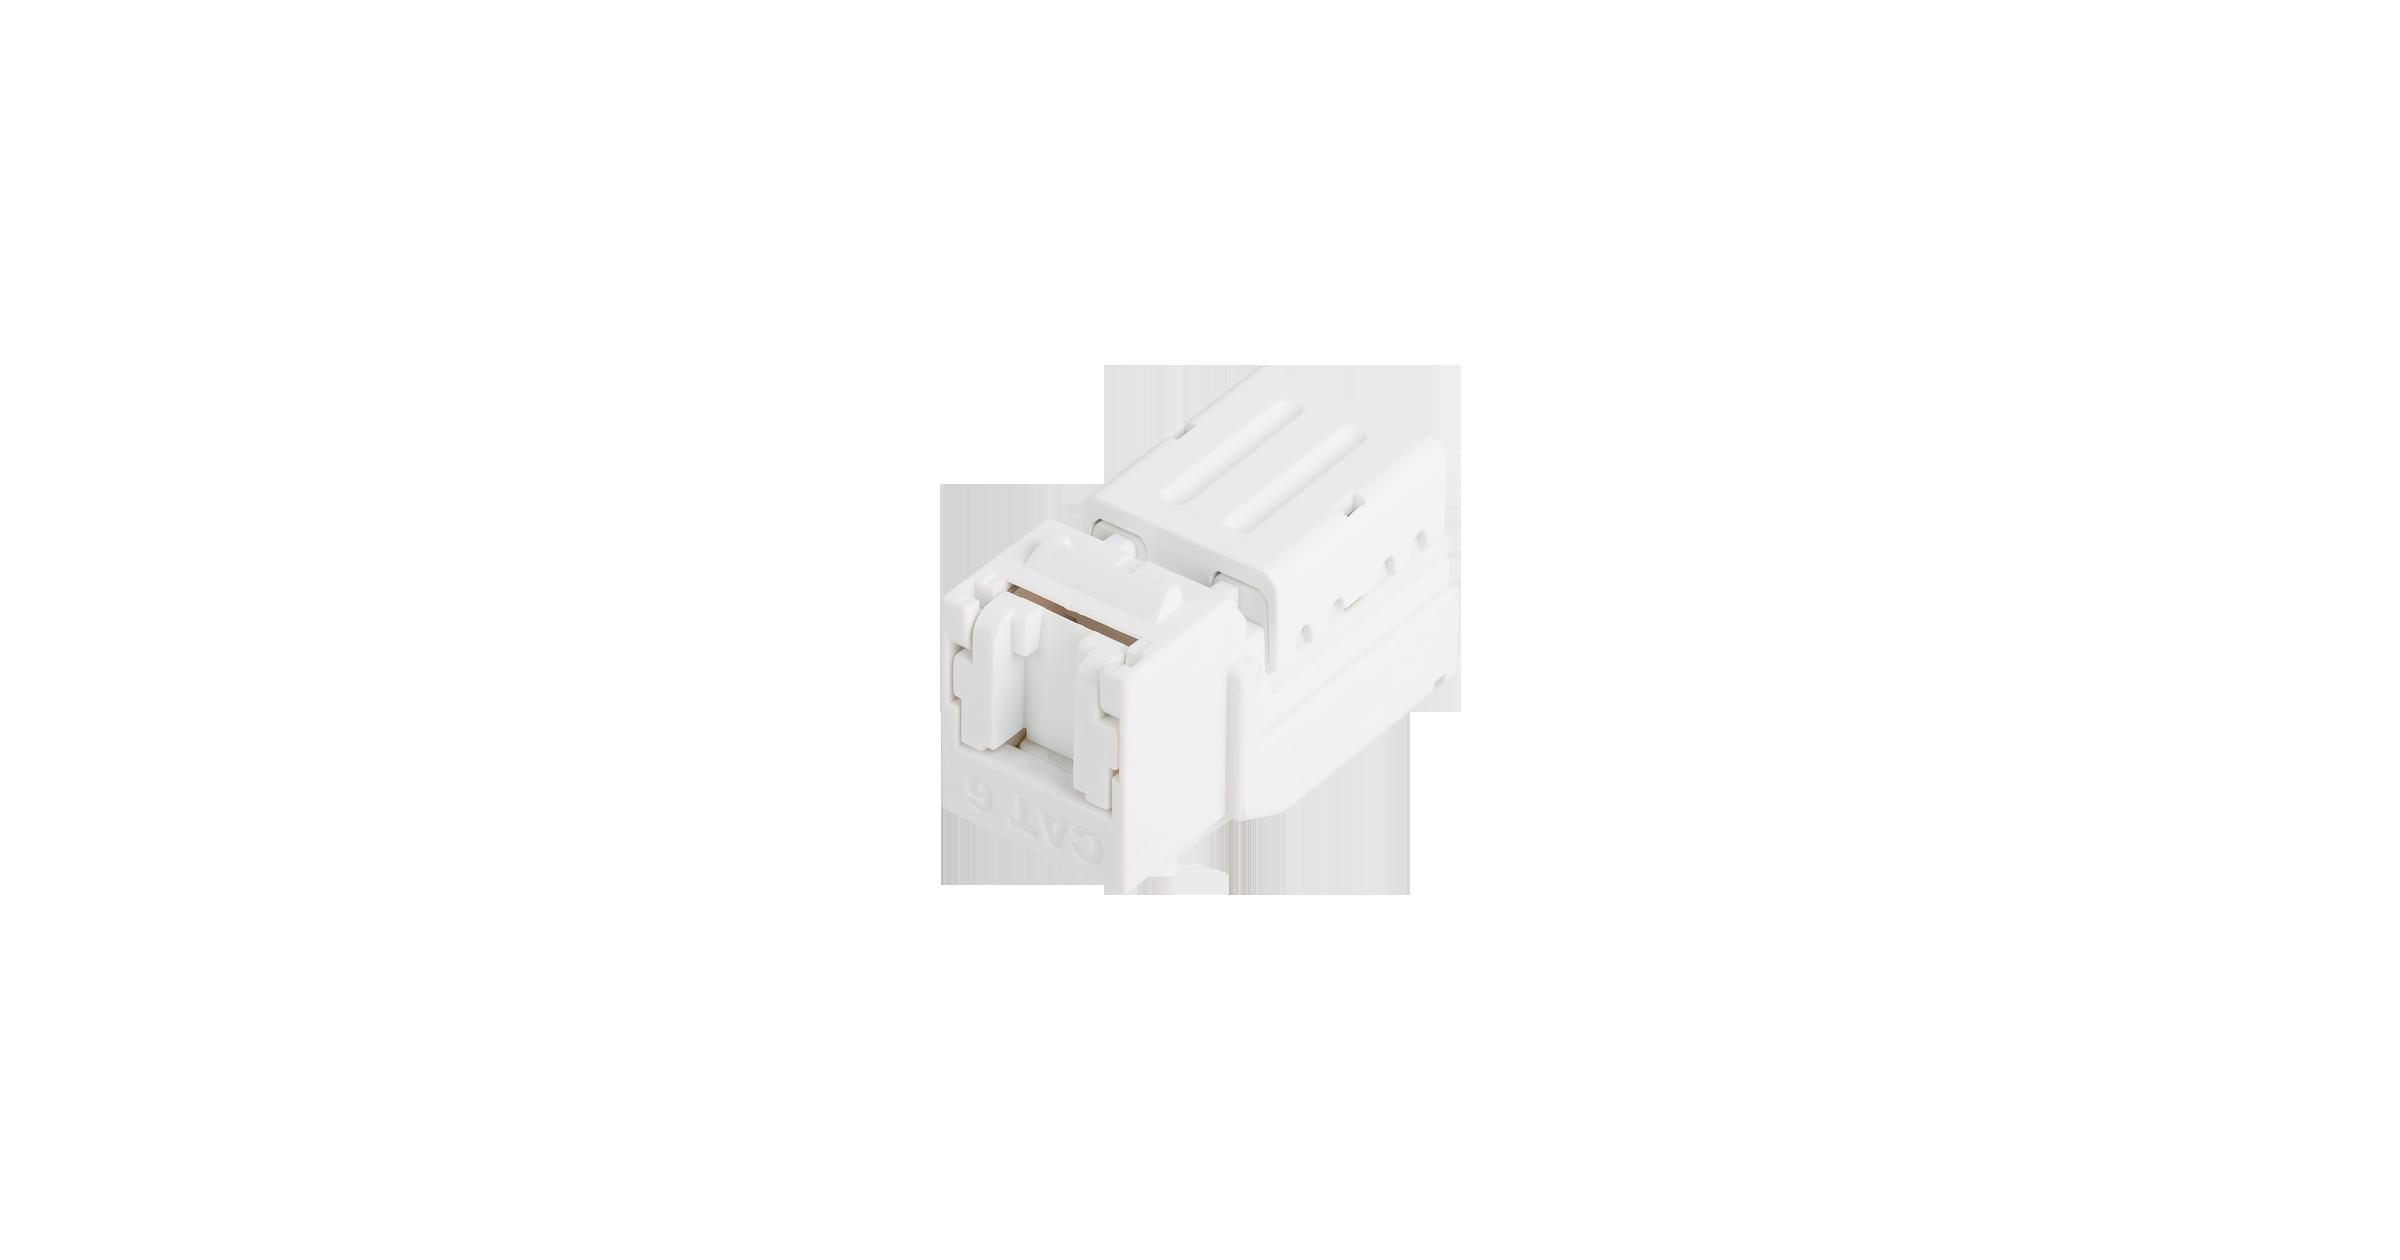 Модуль-вставка NIKOMAX типа Keystone, Кат.6 (Класс E), 250МГц, RJ45/8P8C, FT-TOOL/110/KRONE, T568A/B, неэкранированный, со шторкой, белый - гарантия: 5 лет расширенная / 25 лет системная